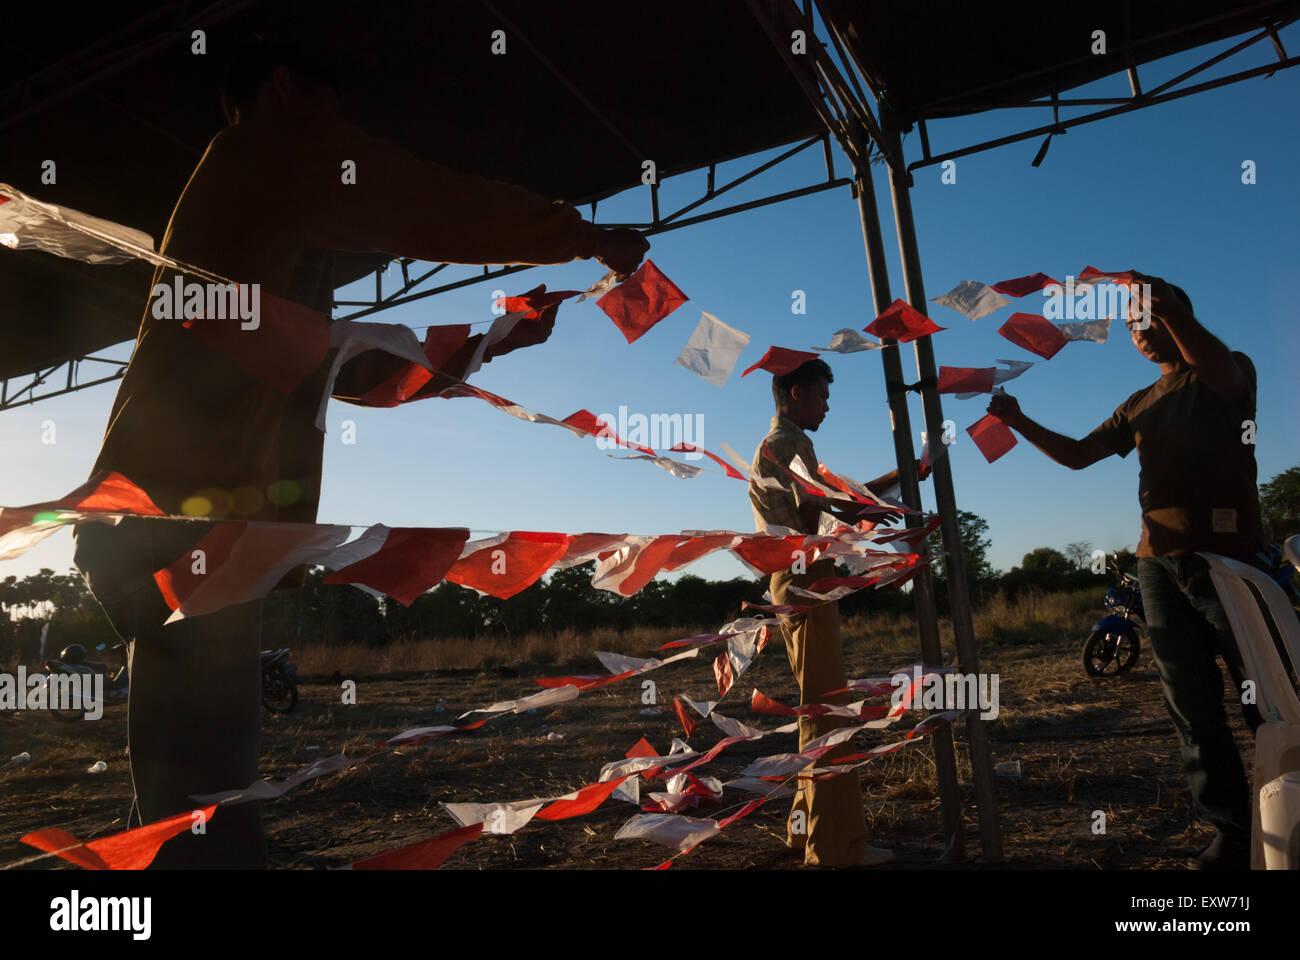 Gente colgando fuera de Indonesia banderas para pequeños eventos locales. Imagen De Stock